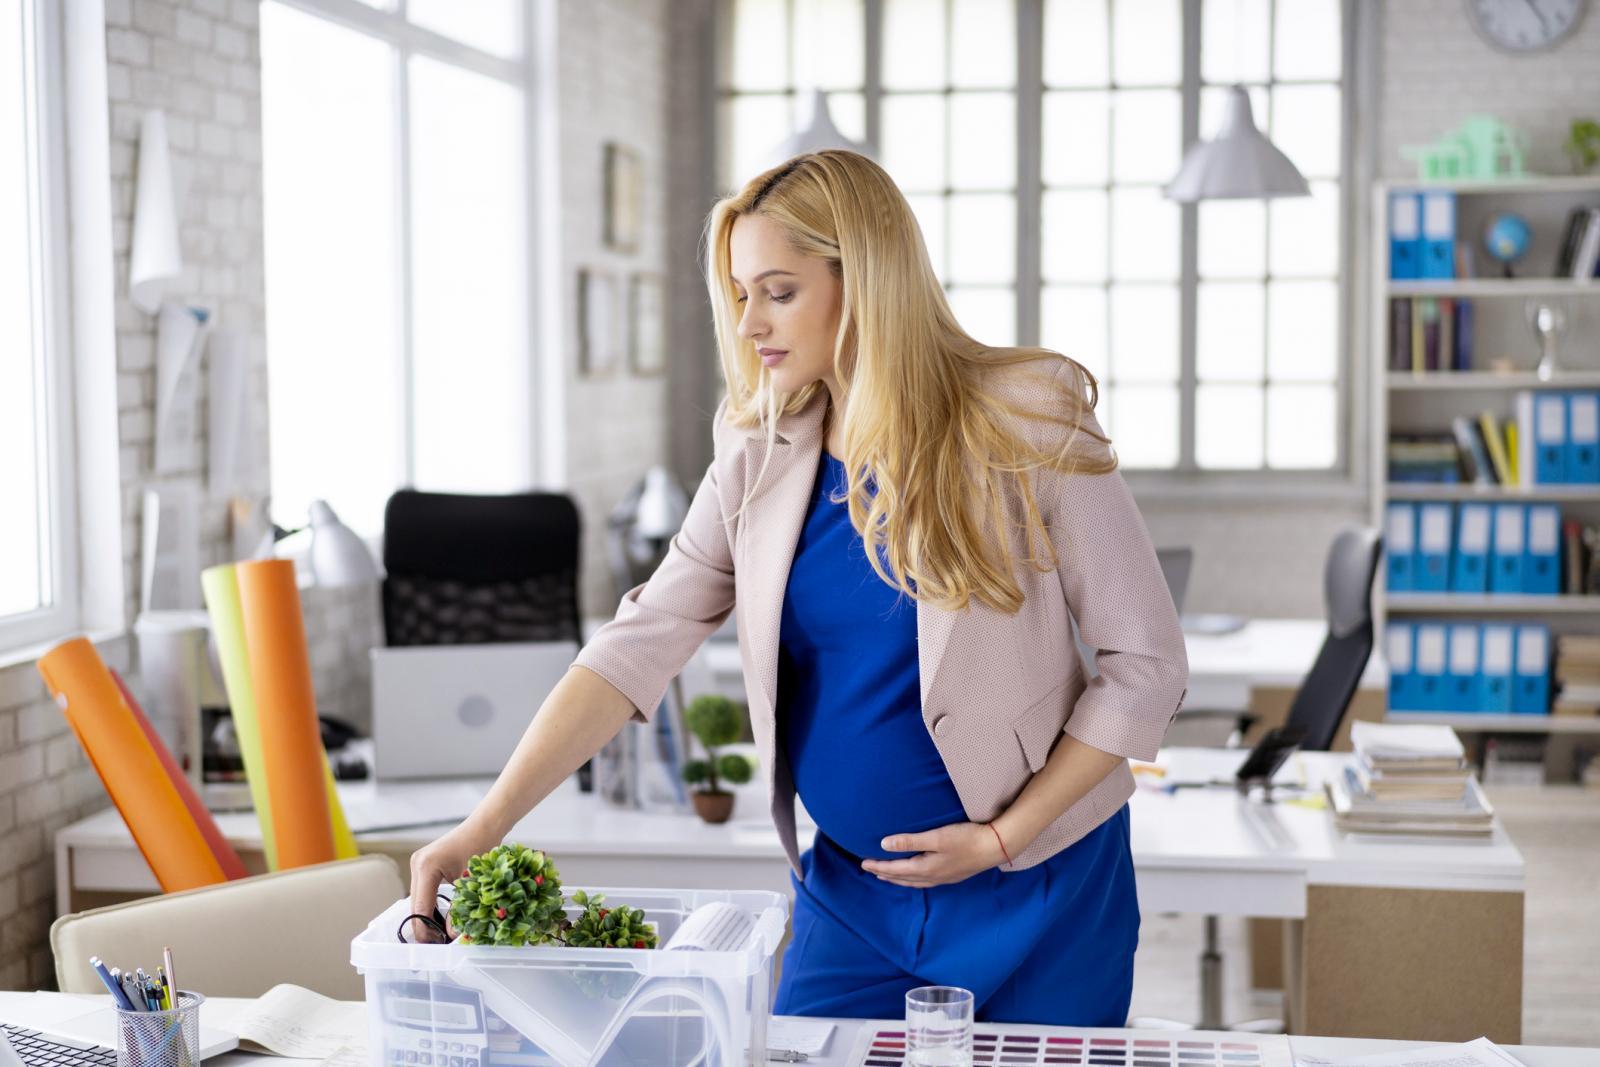 Mujer embarazada dejando el local de trabajo